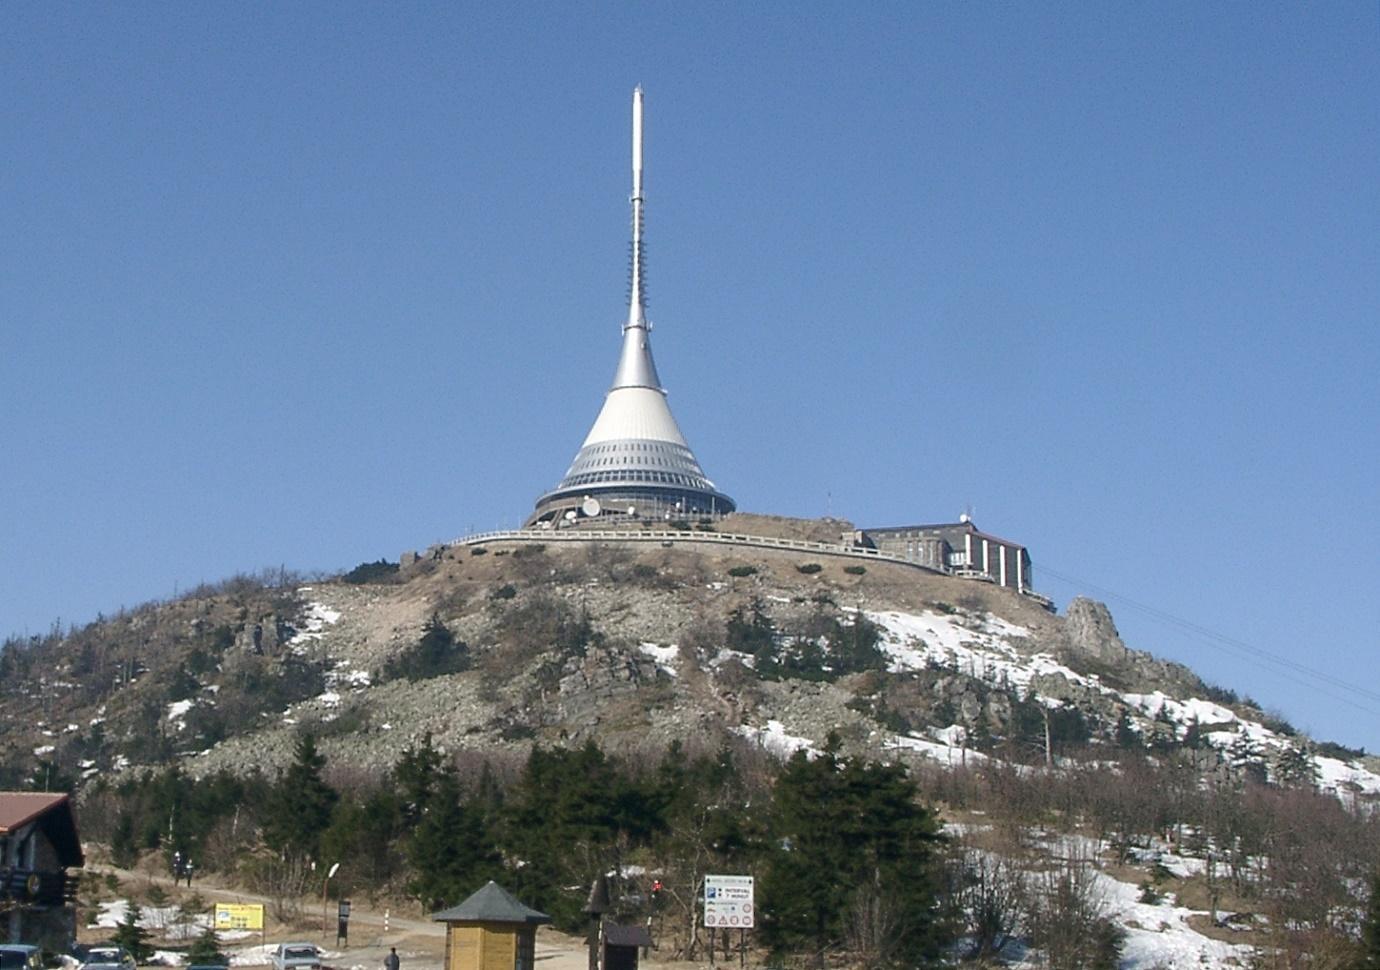 Obsah obrázku exteriér, obloha, budova, hora  Popis byl vytvořen automaticky